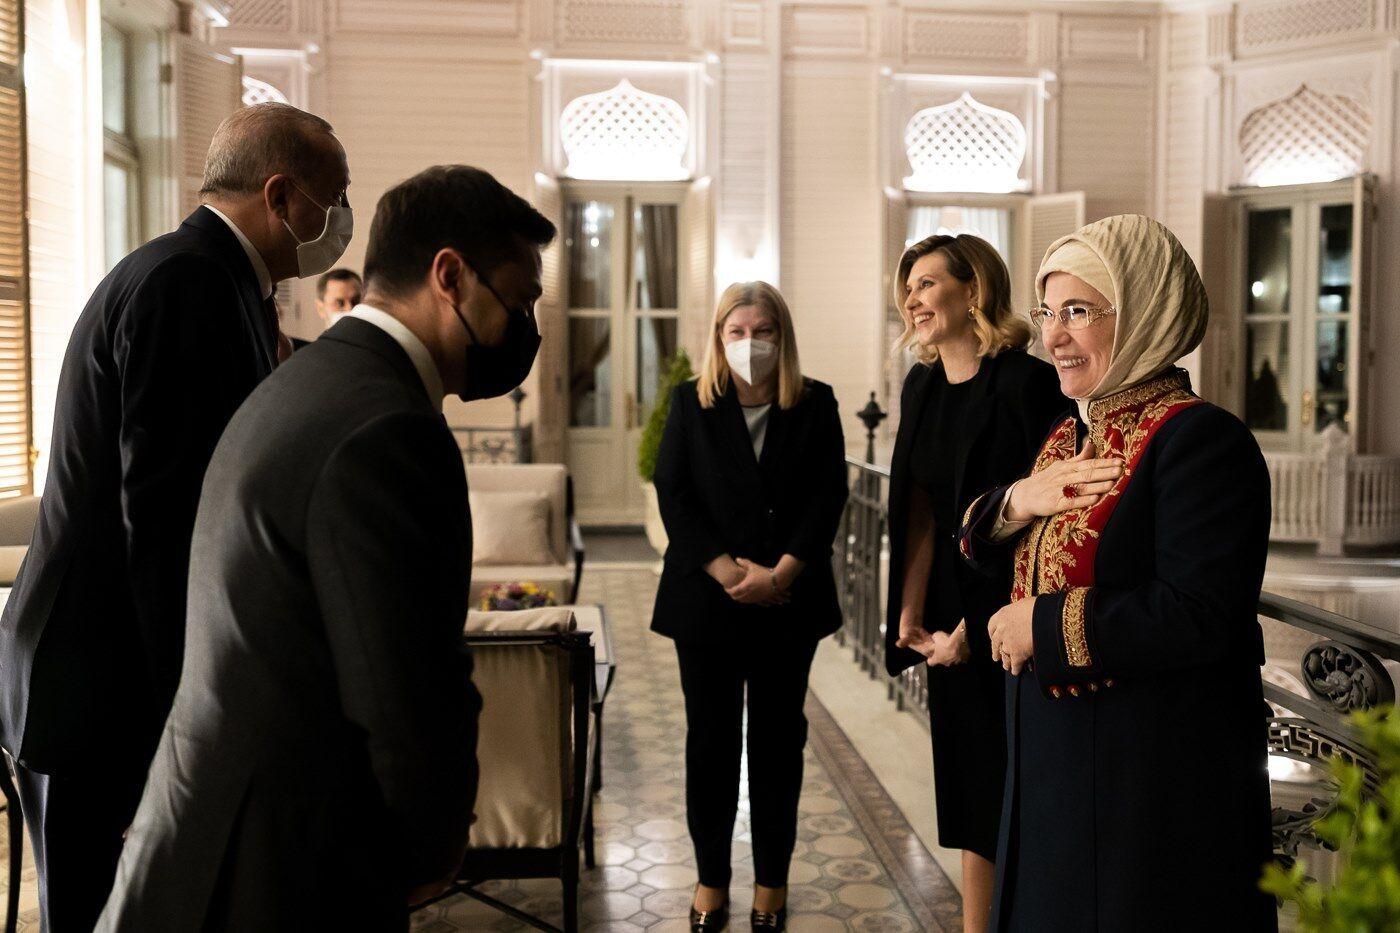 Елена Зеленская на встрече с президентом Турции Реджепом Тайипом Эрдоганом и его женой во дворце Хубер.